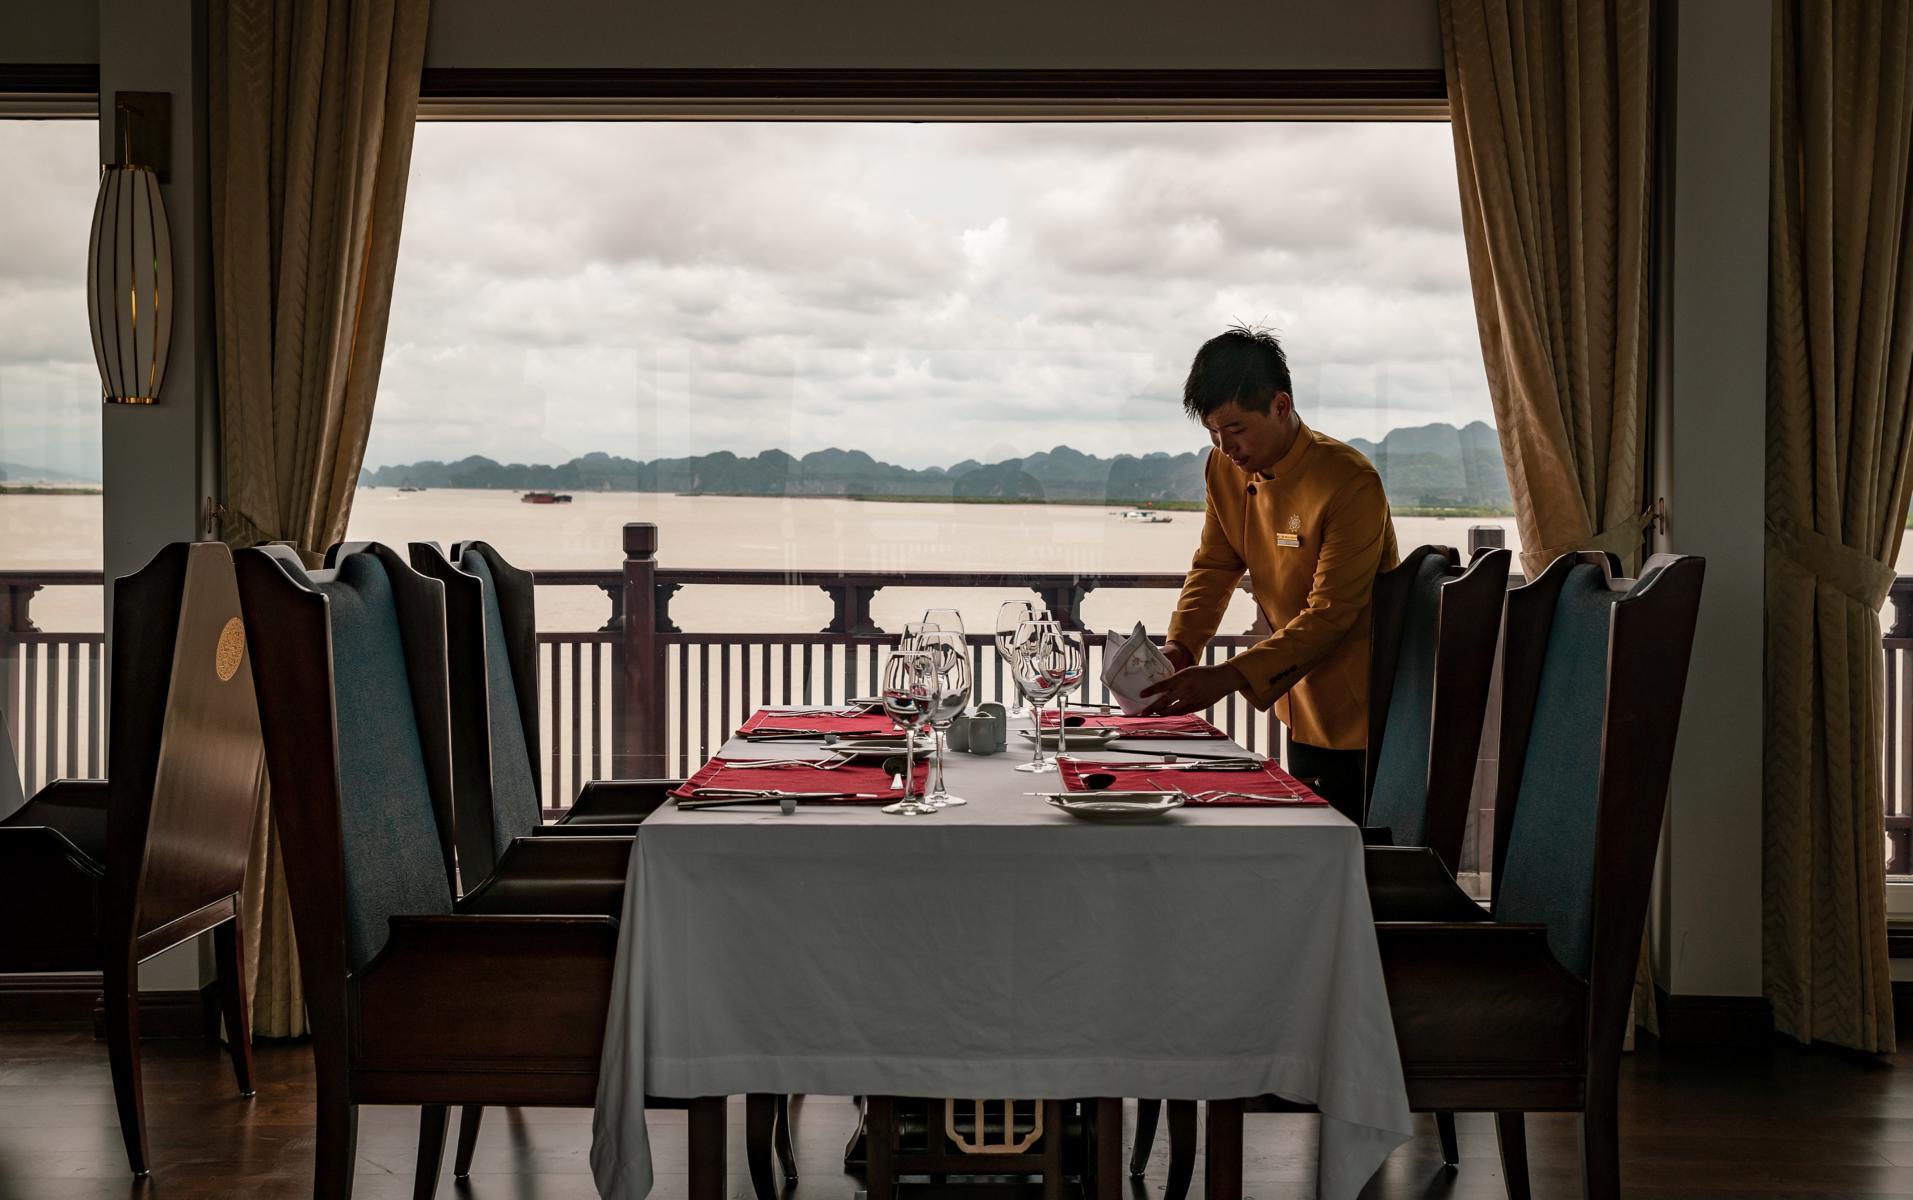 Restaurant mit gedecktem Tisch am Fenster mit Ausblick auf der Ginger der Heritage Line in der Halong Bucht